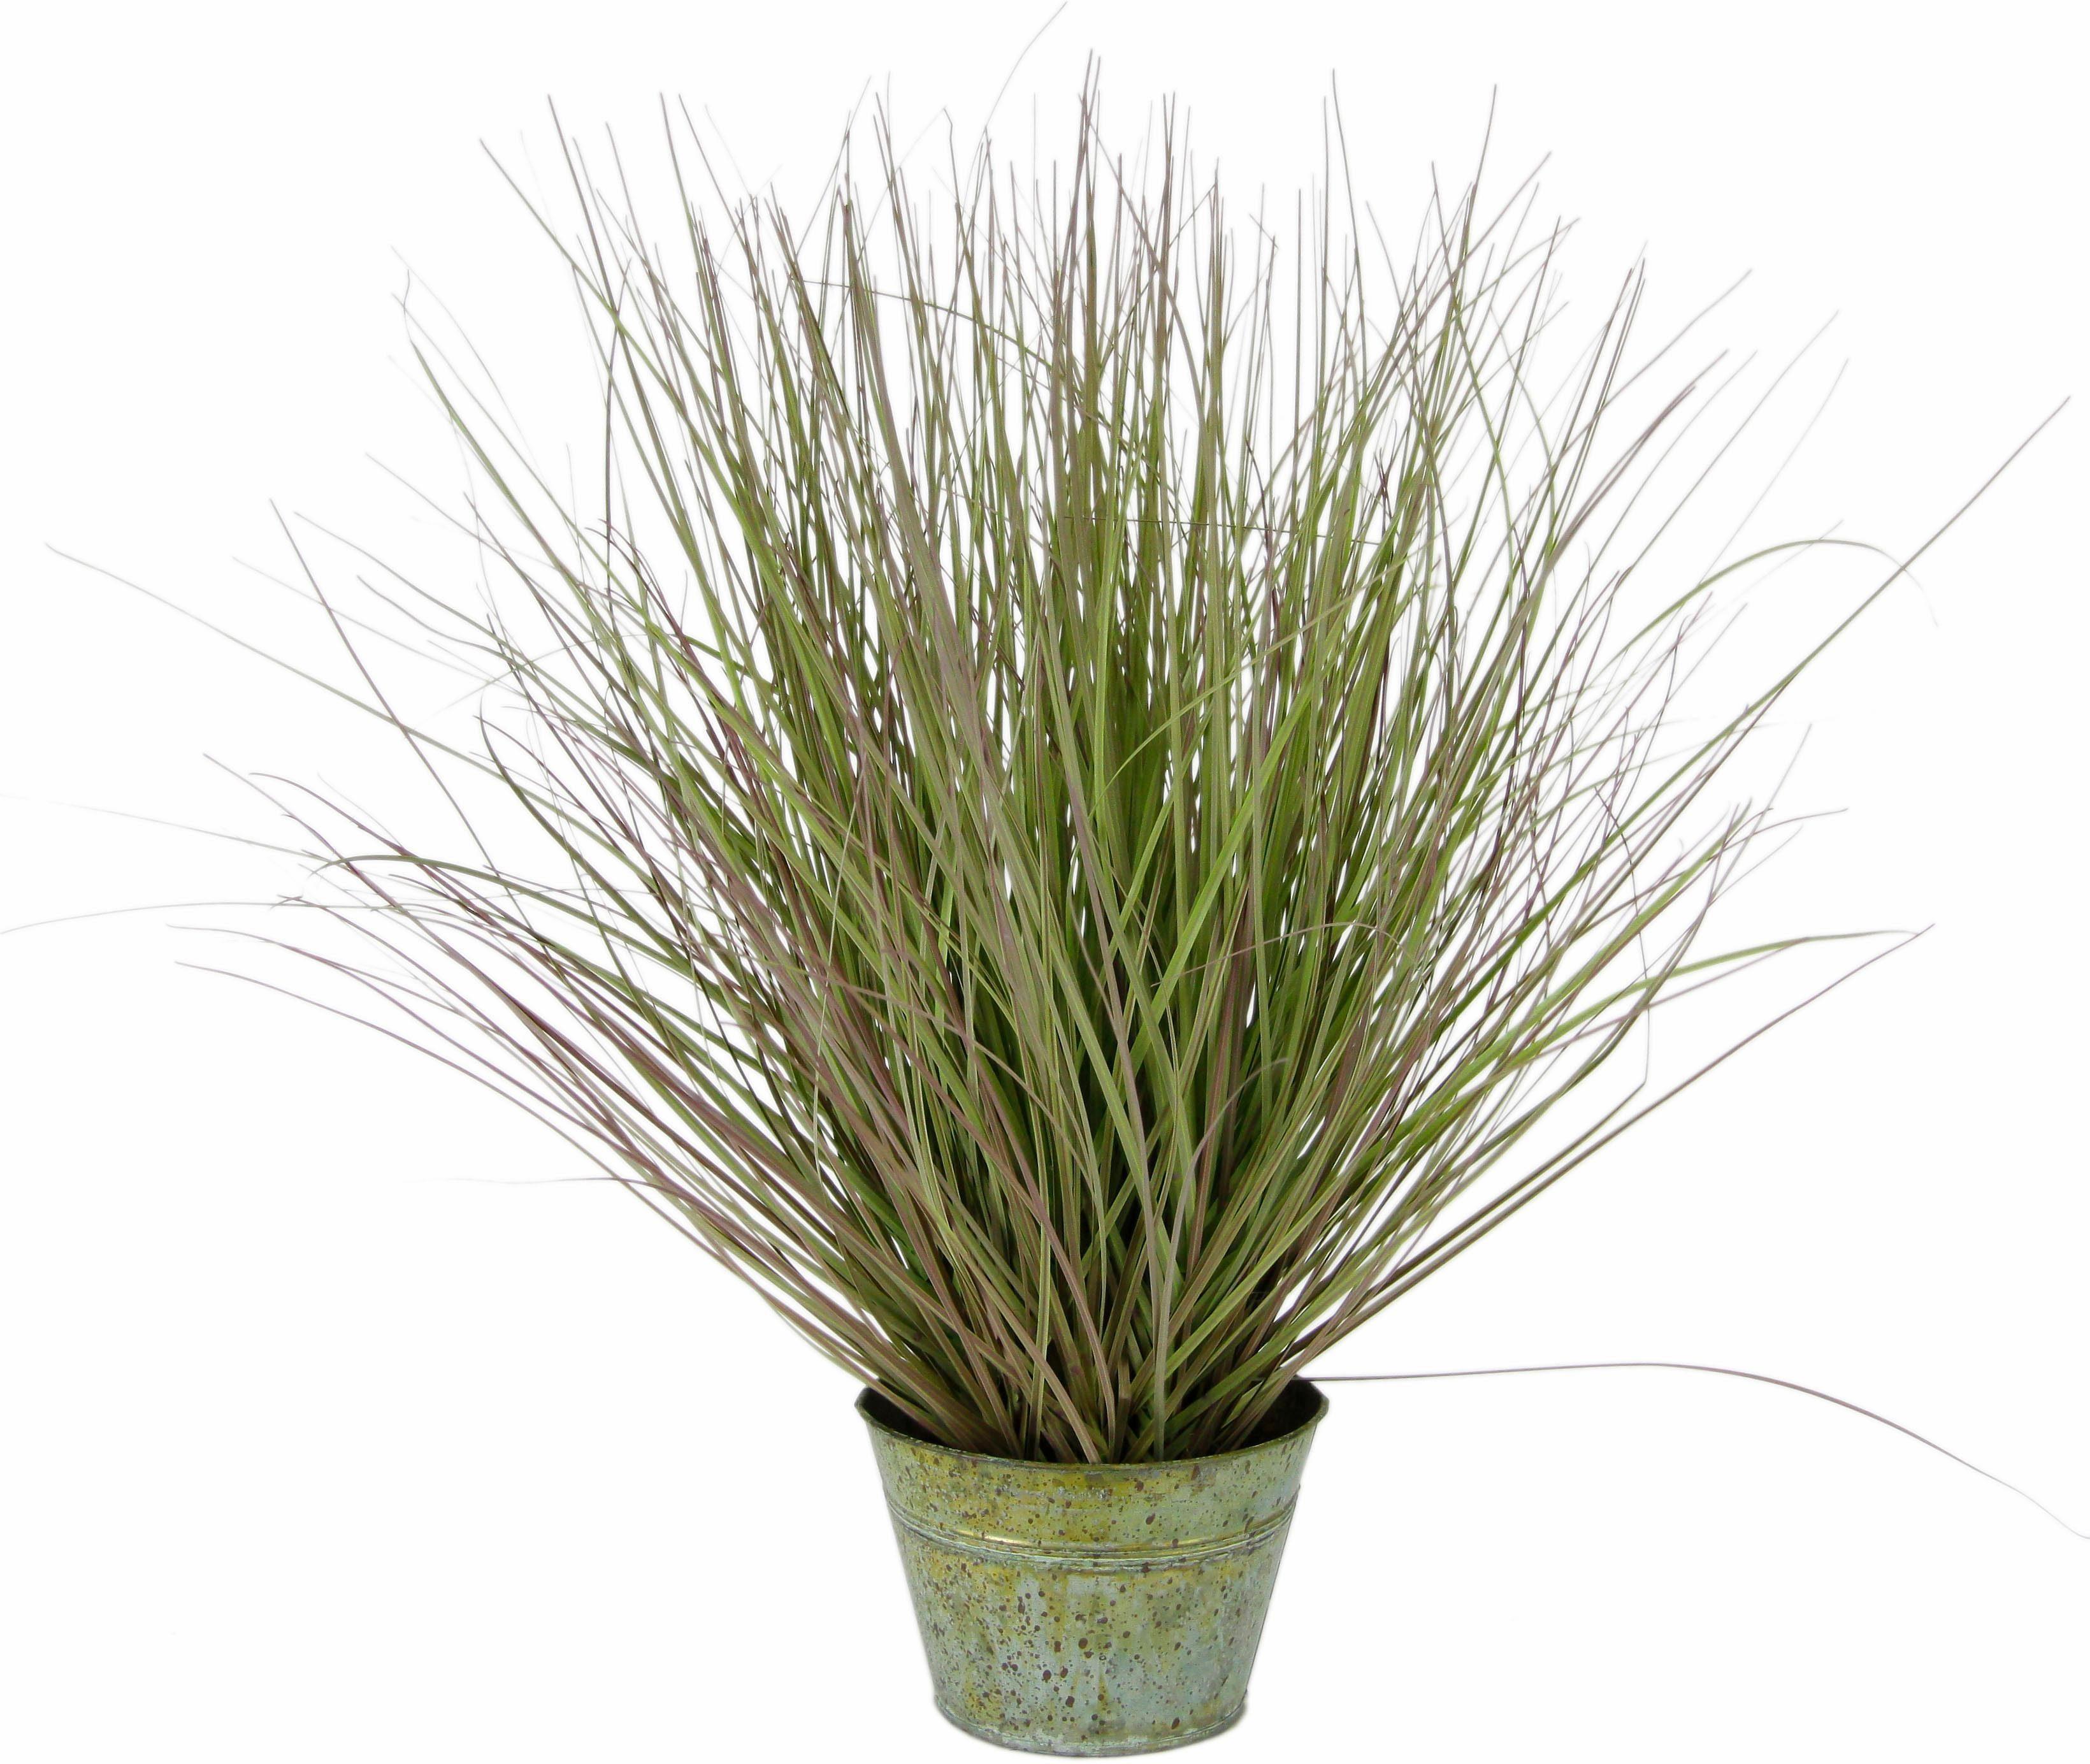 Home affaire Kunstpflanze »Grasbusch« im Zinktopf